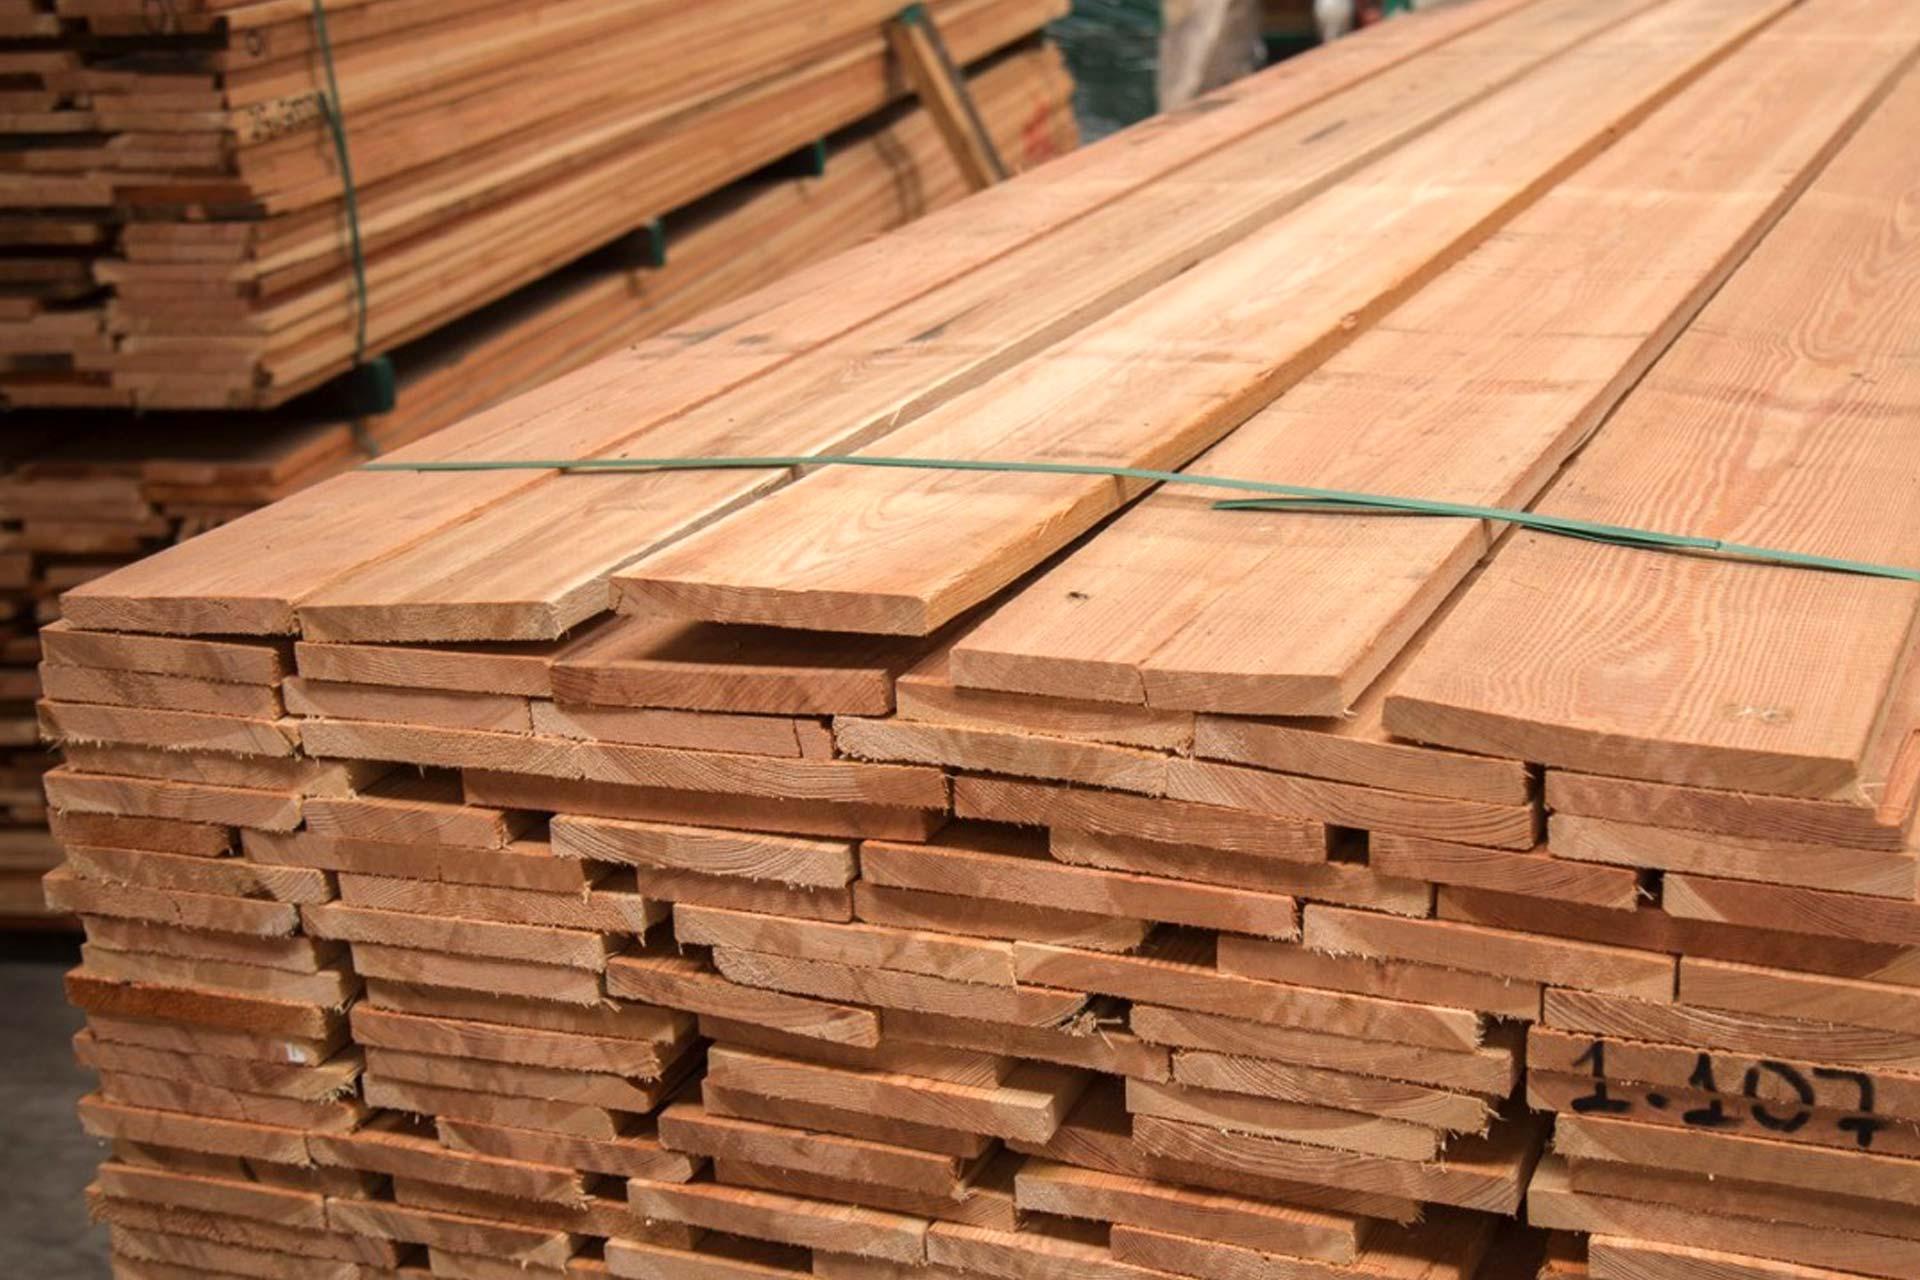 Soppalco In Legno Per Esterno legno larice | agenzia selmi: legnami vernici per edilizia